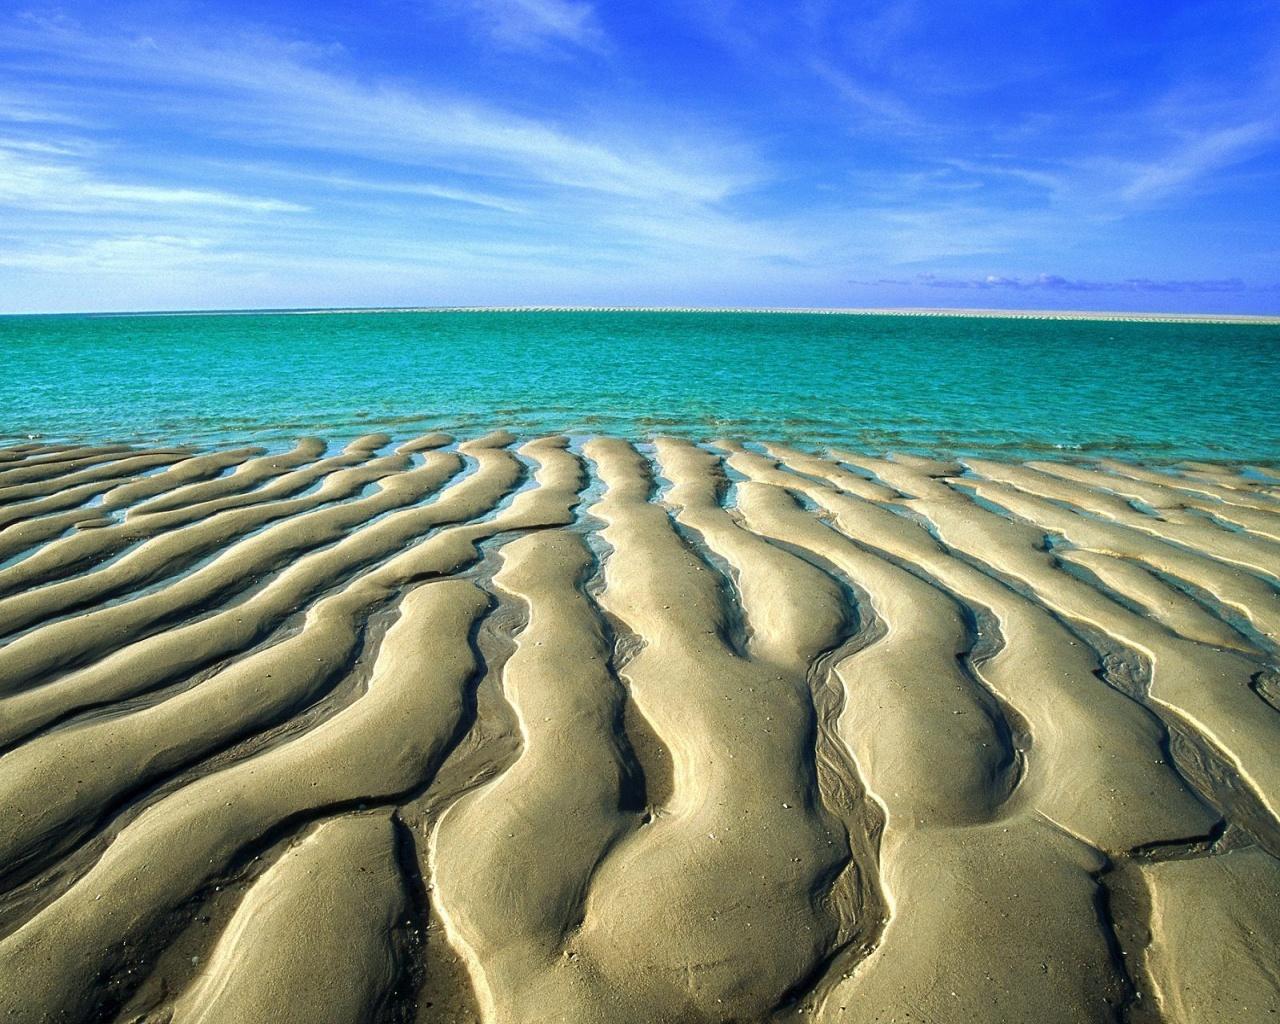 http://1.bp.blogspot.com/-EJU24y5l89o/TsS_Rro8pEI/AAAAAAAAAg8/qwk5J3TMhJQ/s1600/sand-ripples-wallpapers_1280x1024.jpg